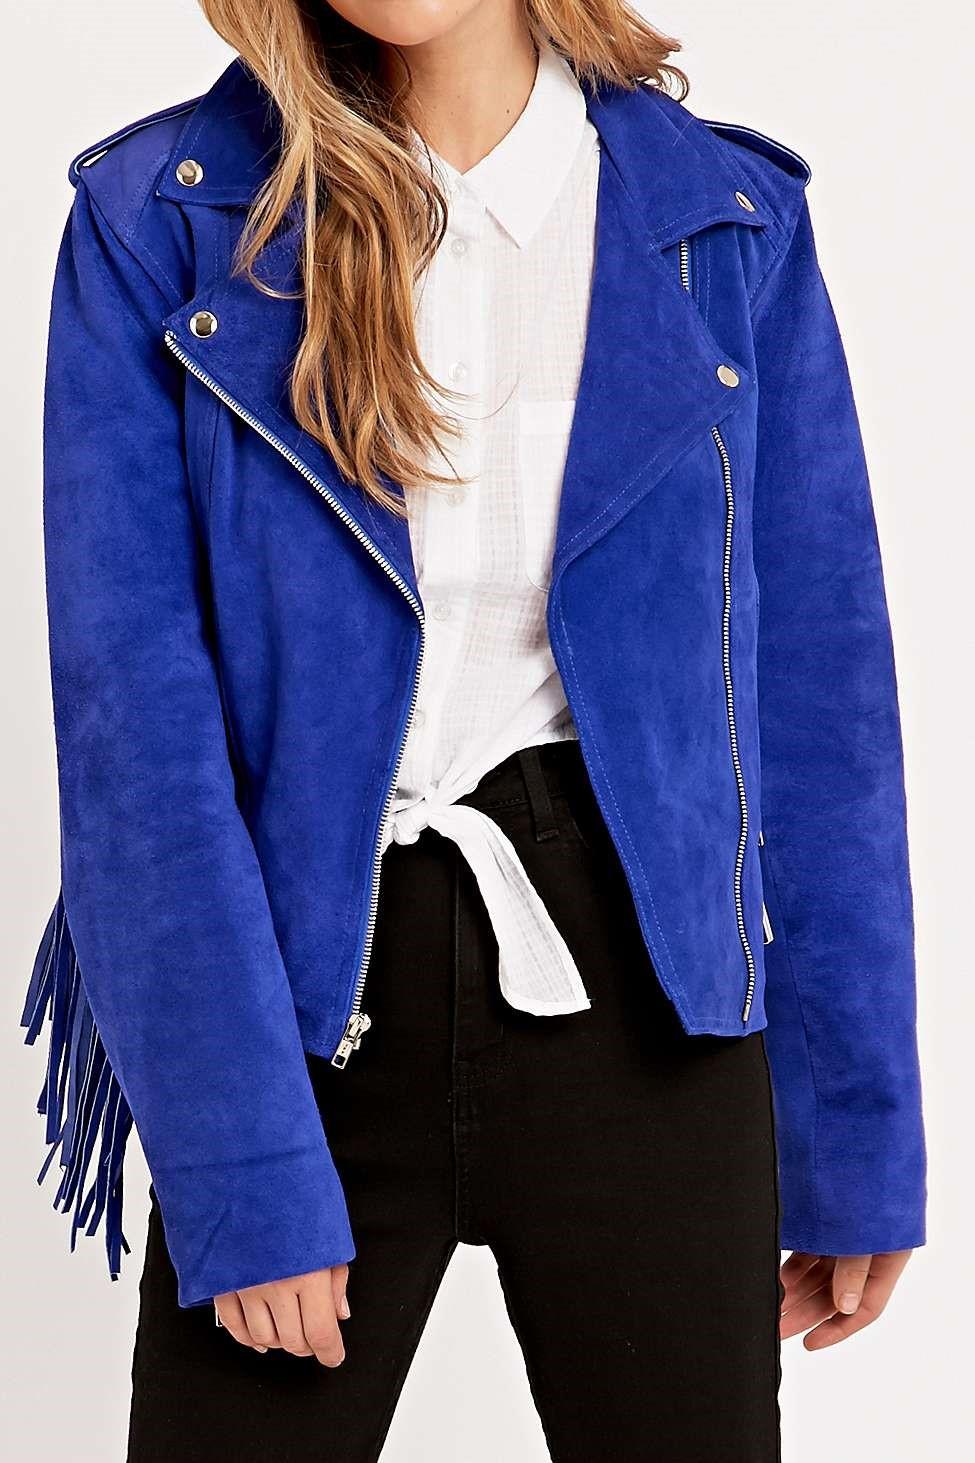 Urban Renewal Vintage Re-Made Suede Fringe Jacket In Blue